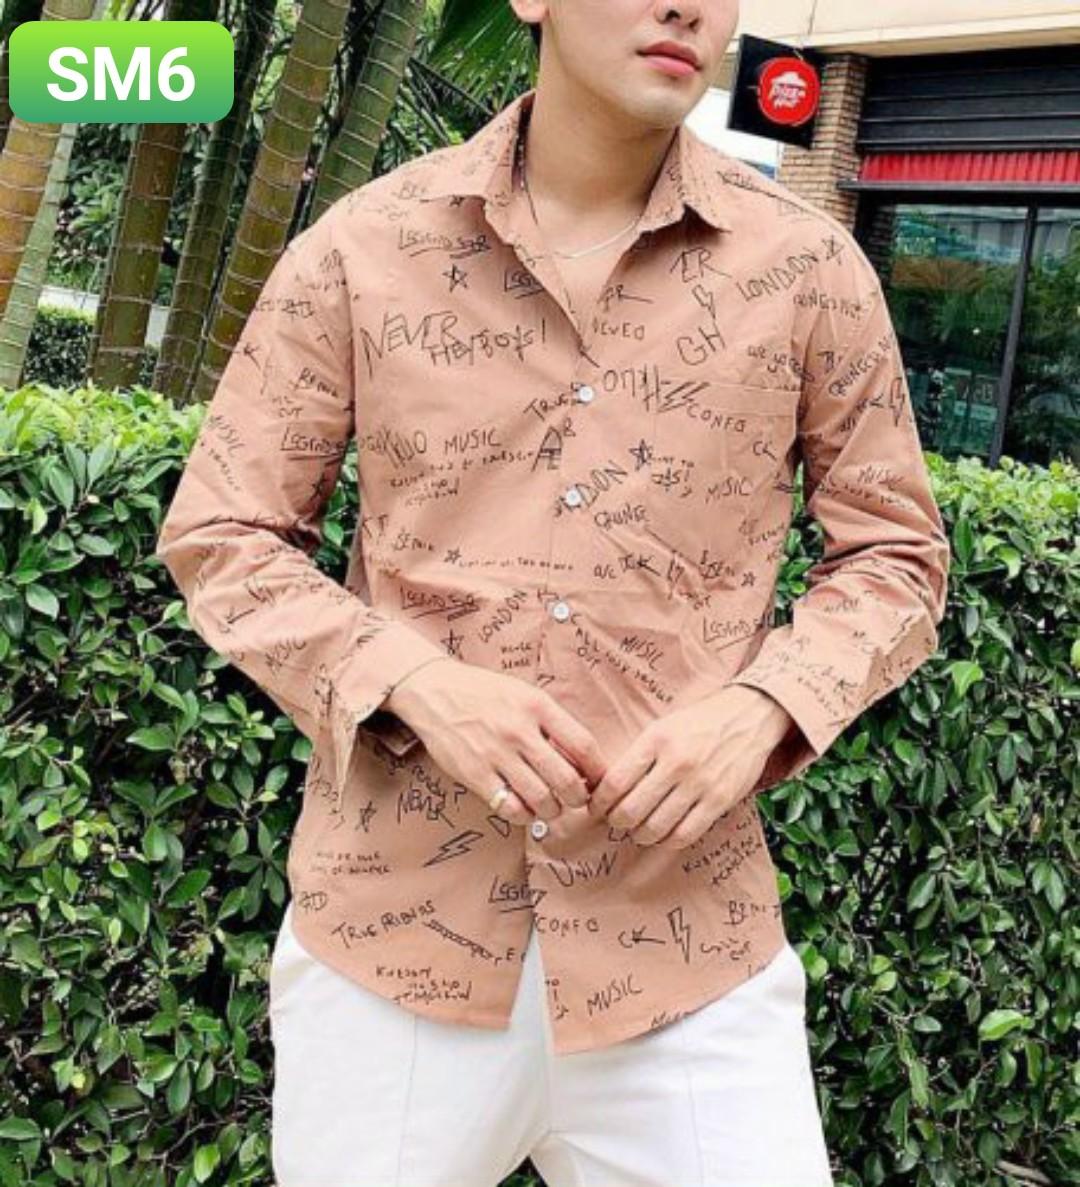 Order áo sơ mi SM6 - 3 size m l xl